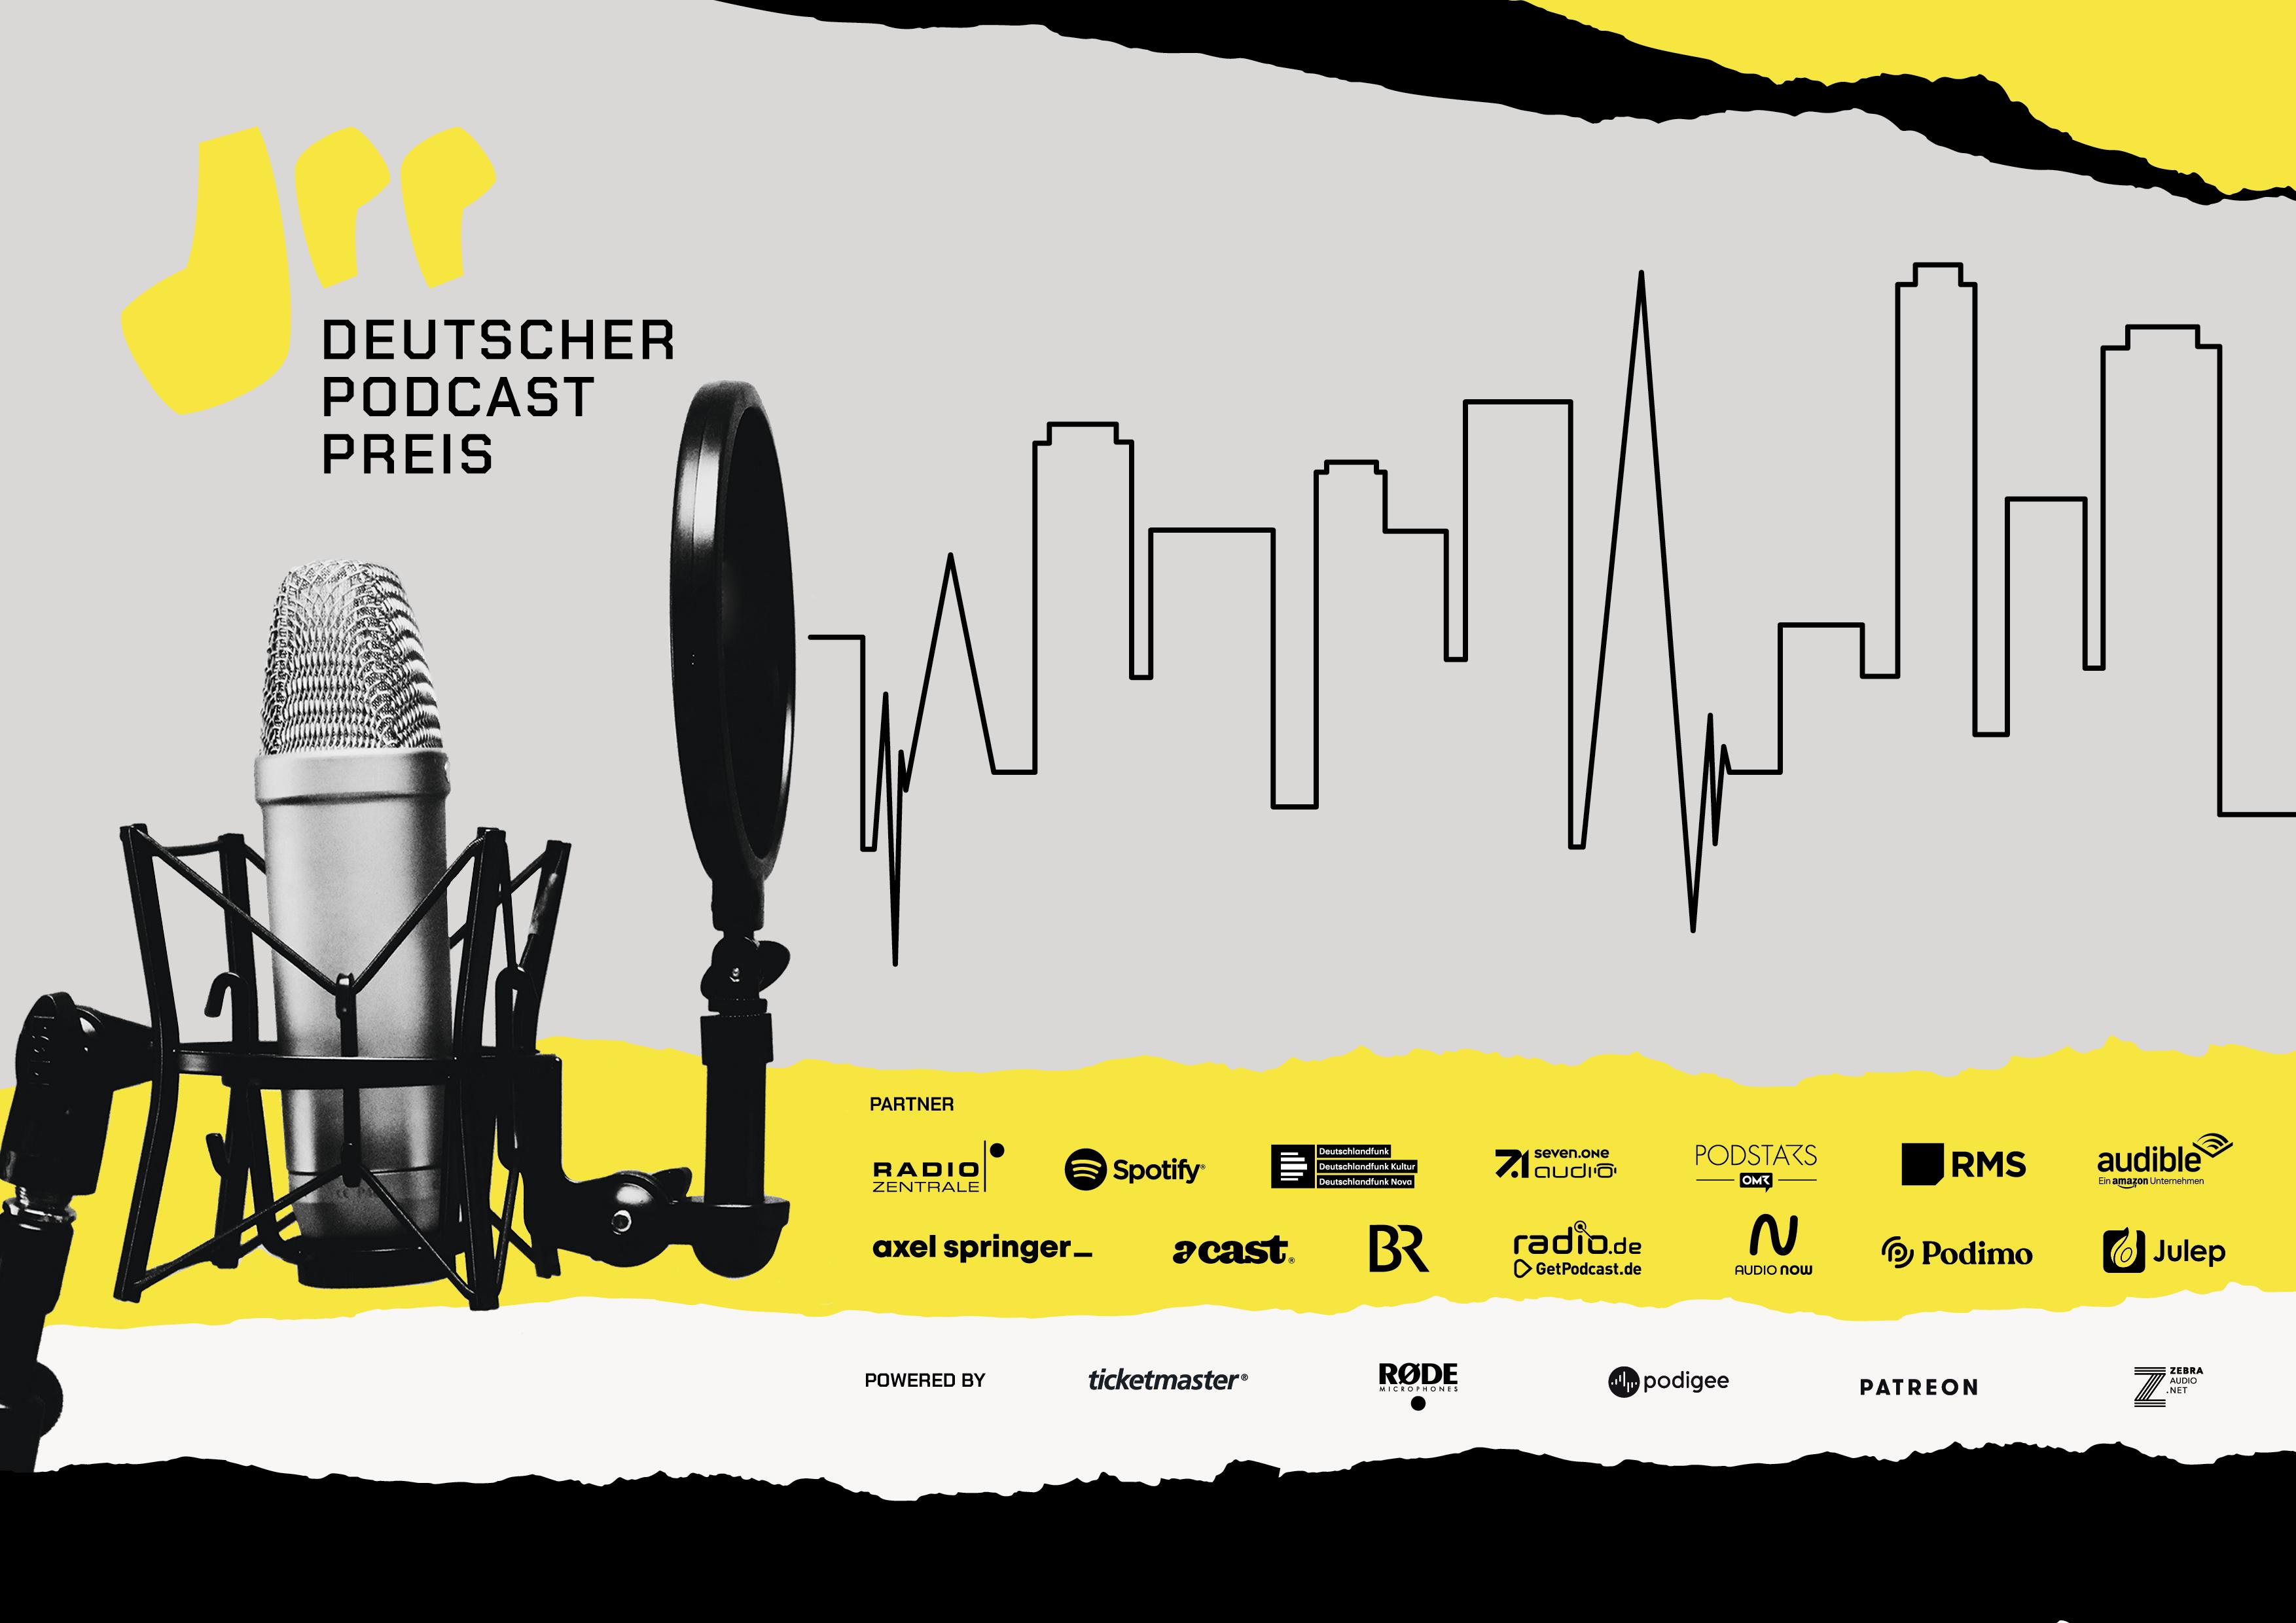 Morgen wird der Deutsche Podcast Preis verliehen